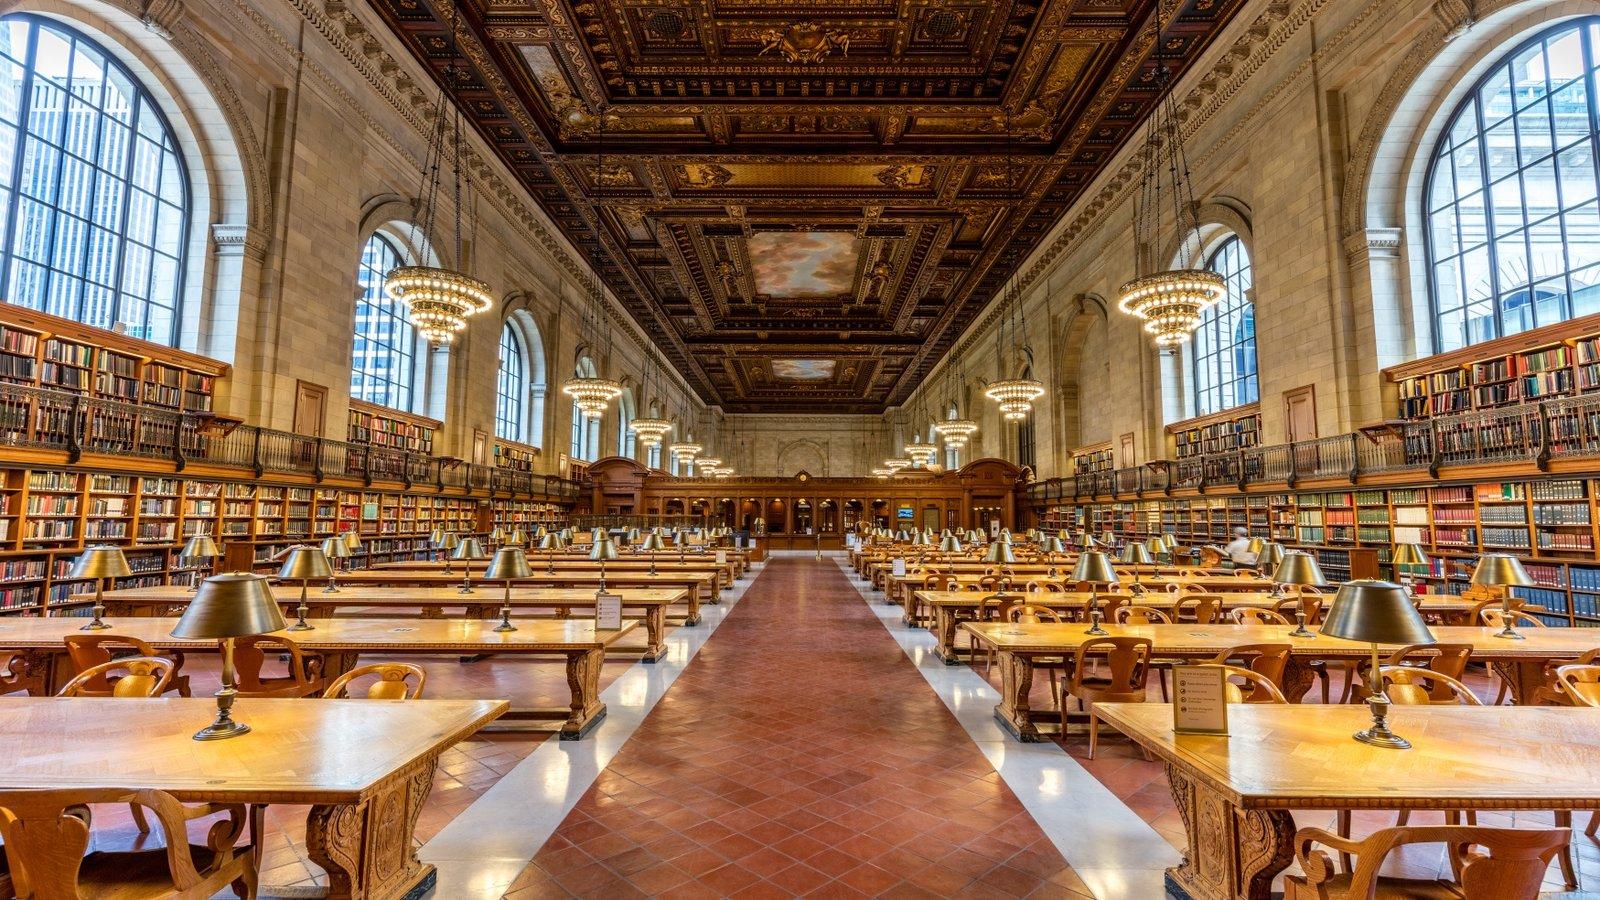 Biblioteca Pública de Nueva York ofreciendo vistas interiores y elementos del patrimonio